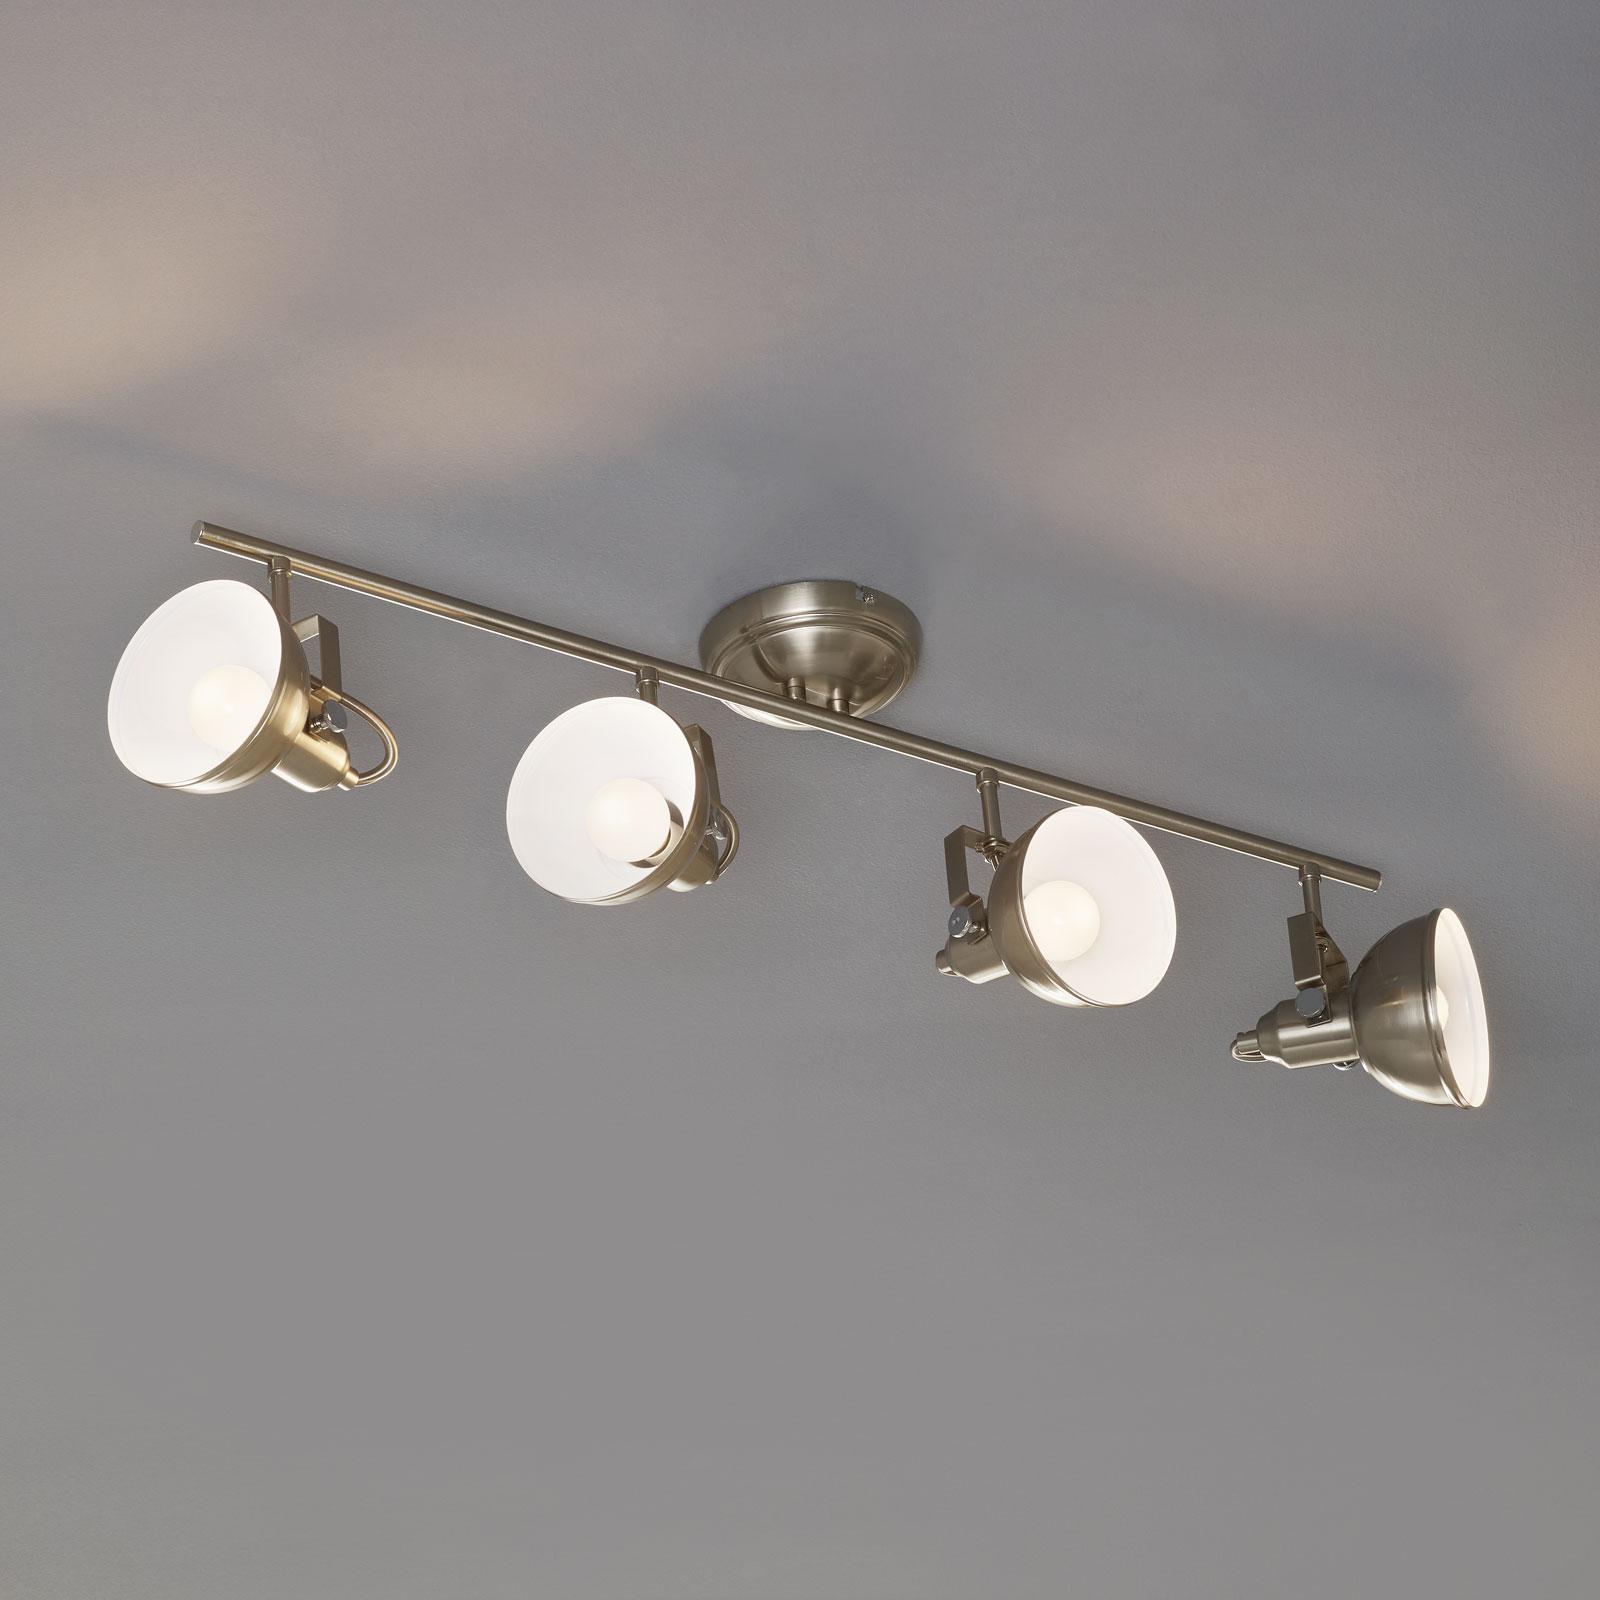 4-pkt. lampa sufitowa GINA w stylu industrialnym